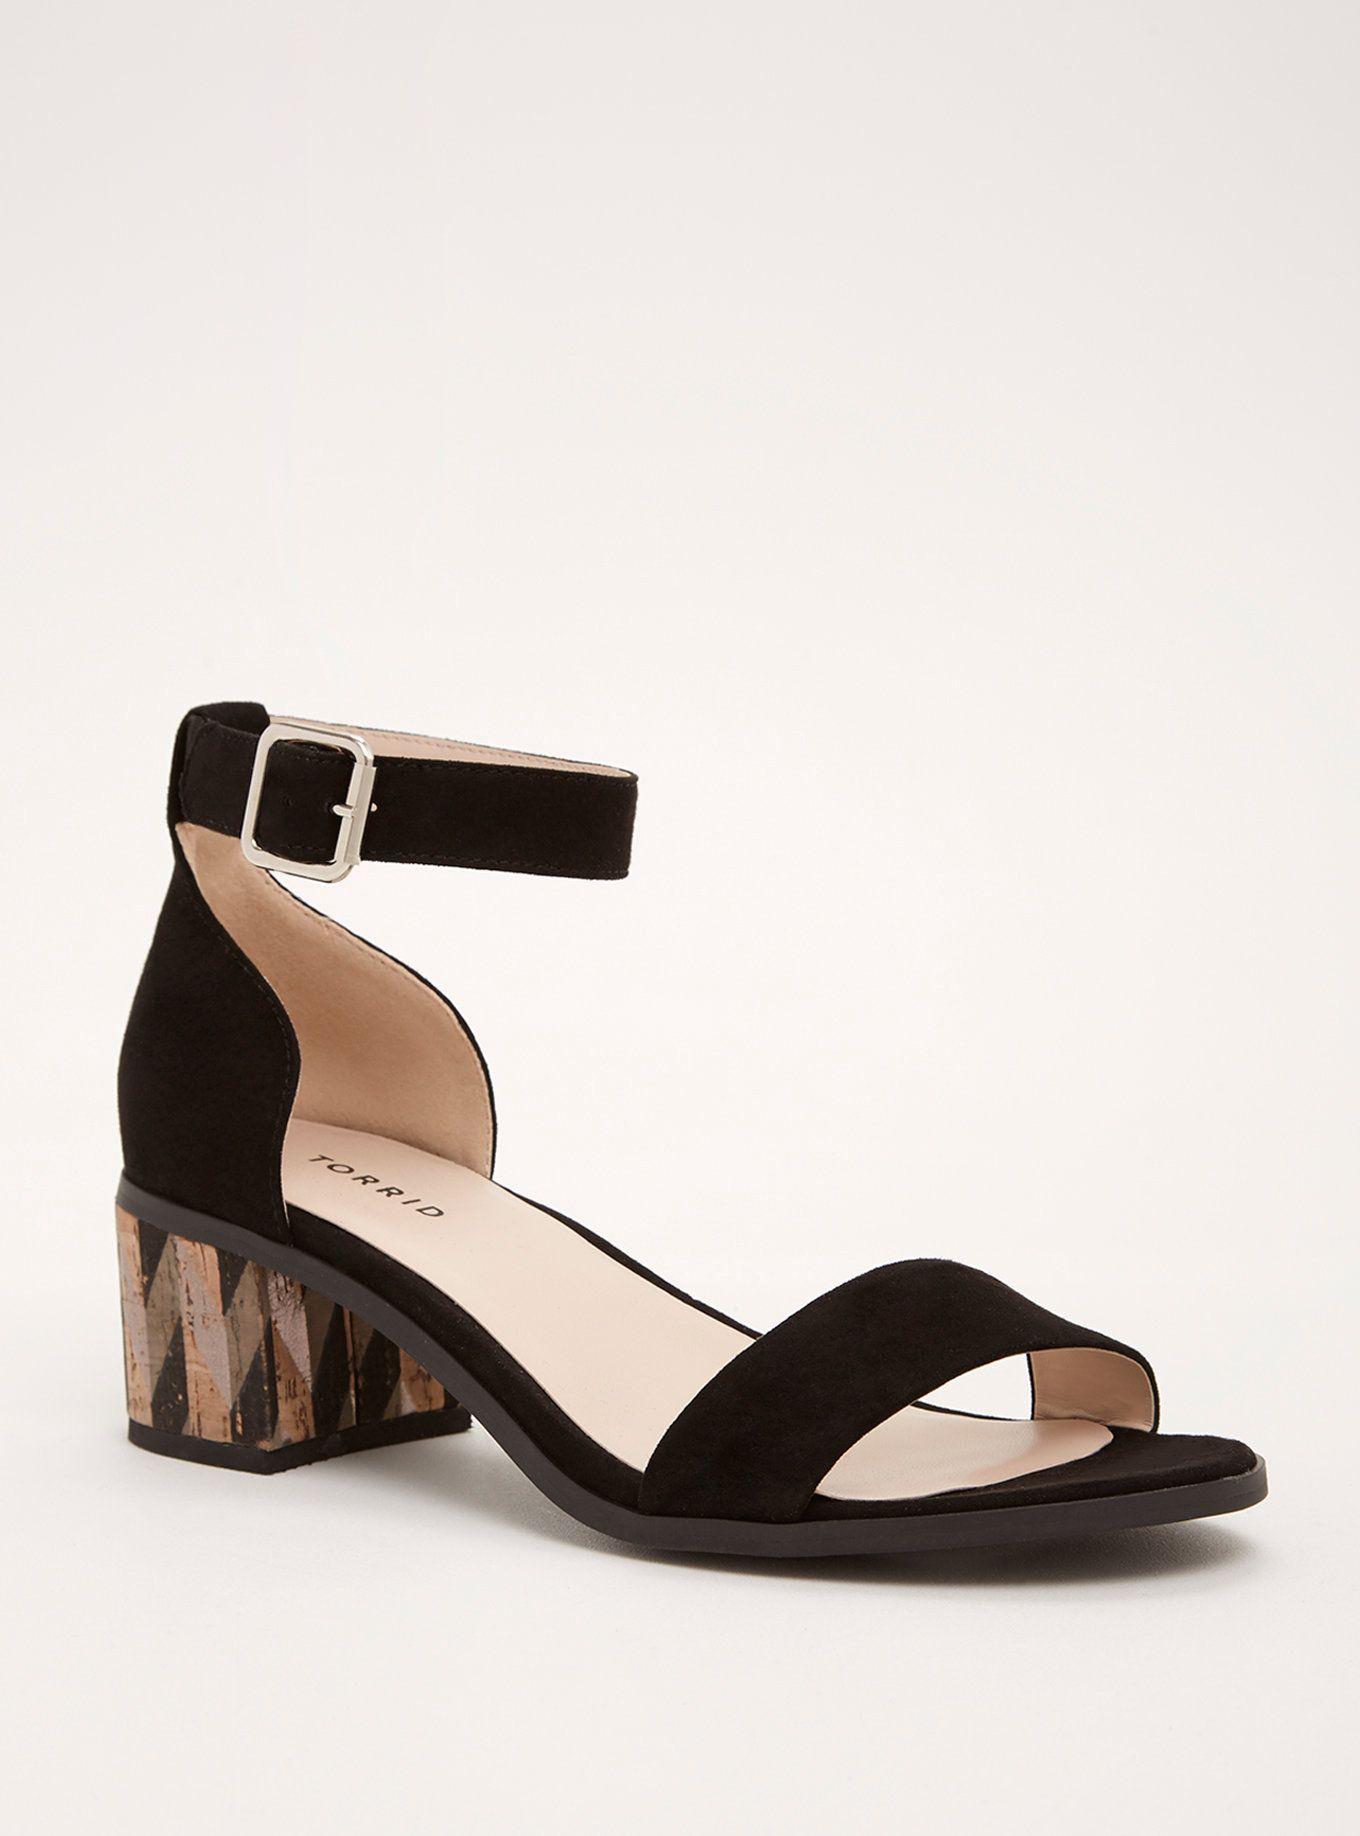 Printed Block Heels (Wide Width